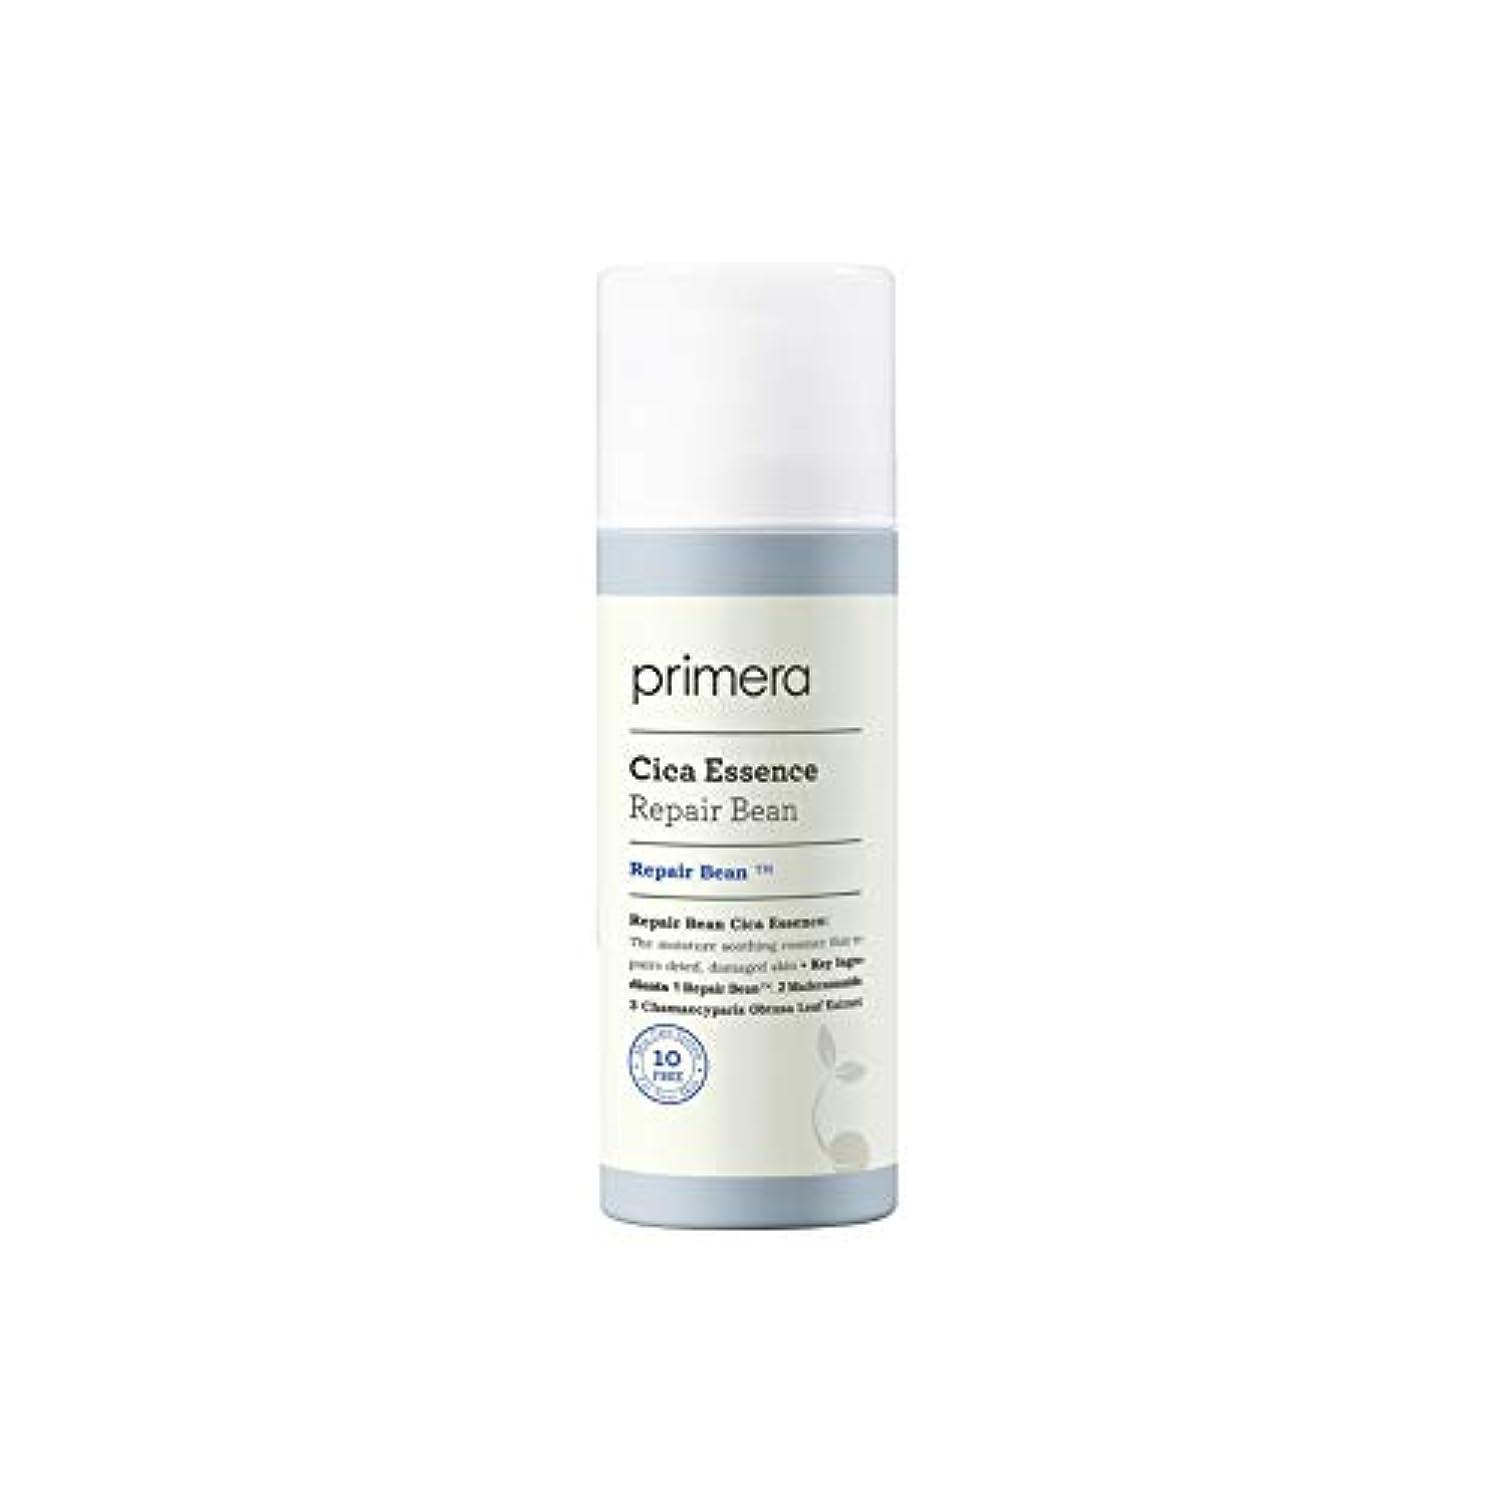 パーチナシティ呼ぶ避難【primera公式】プリメラ スージング センシティブ クリーム 30ml/primera Soothing Sensitive Cream 30ml